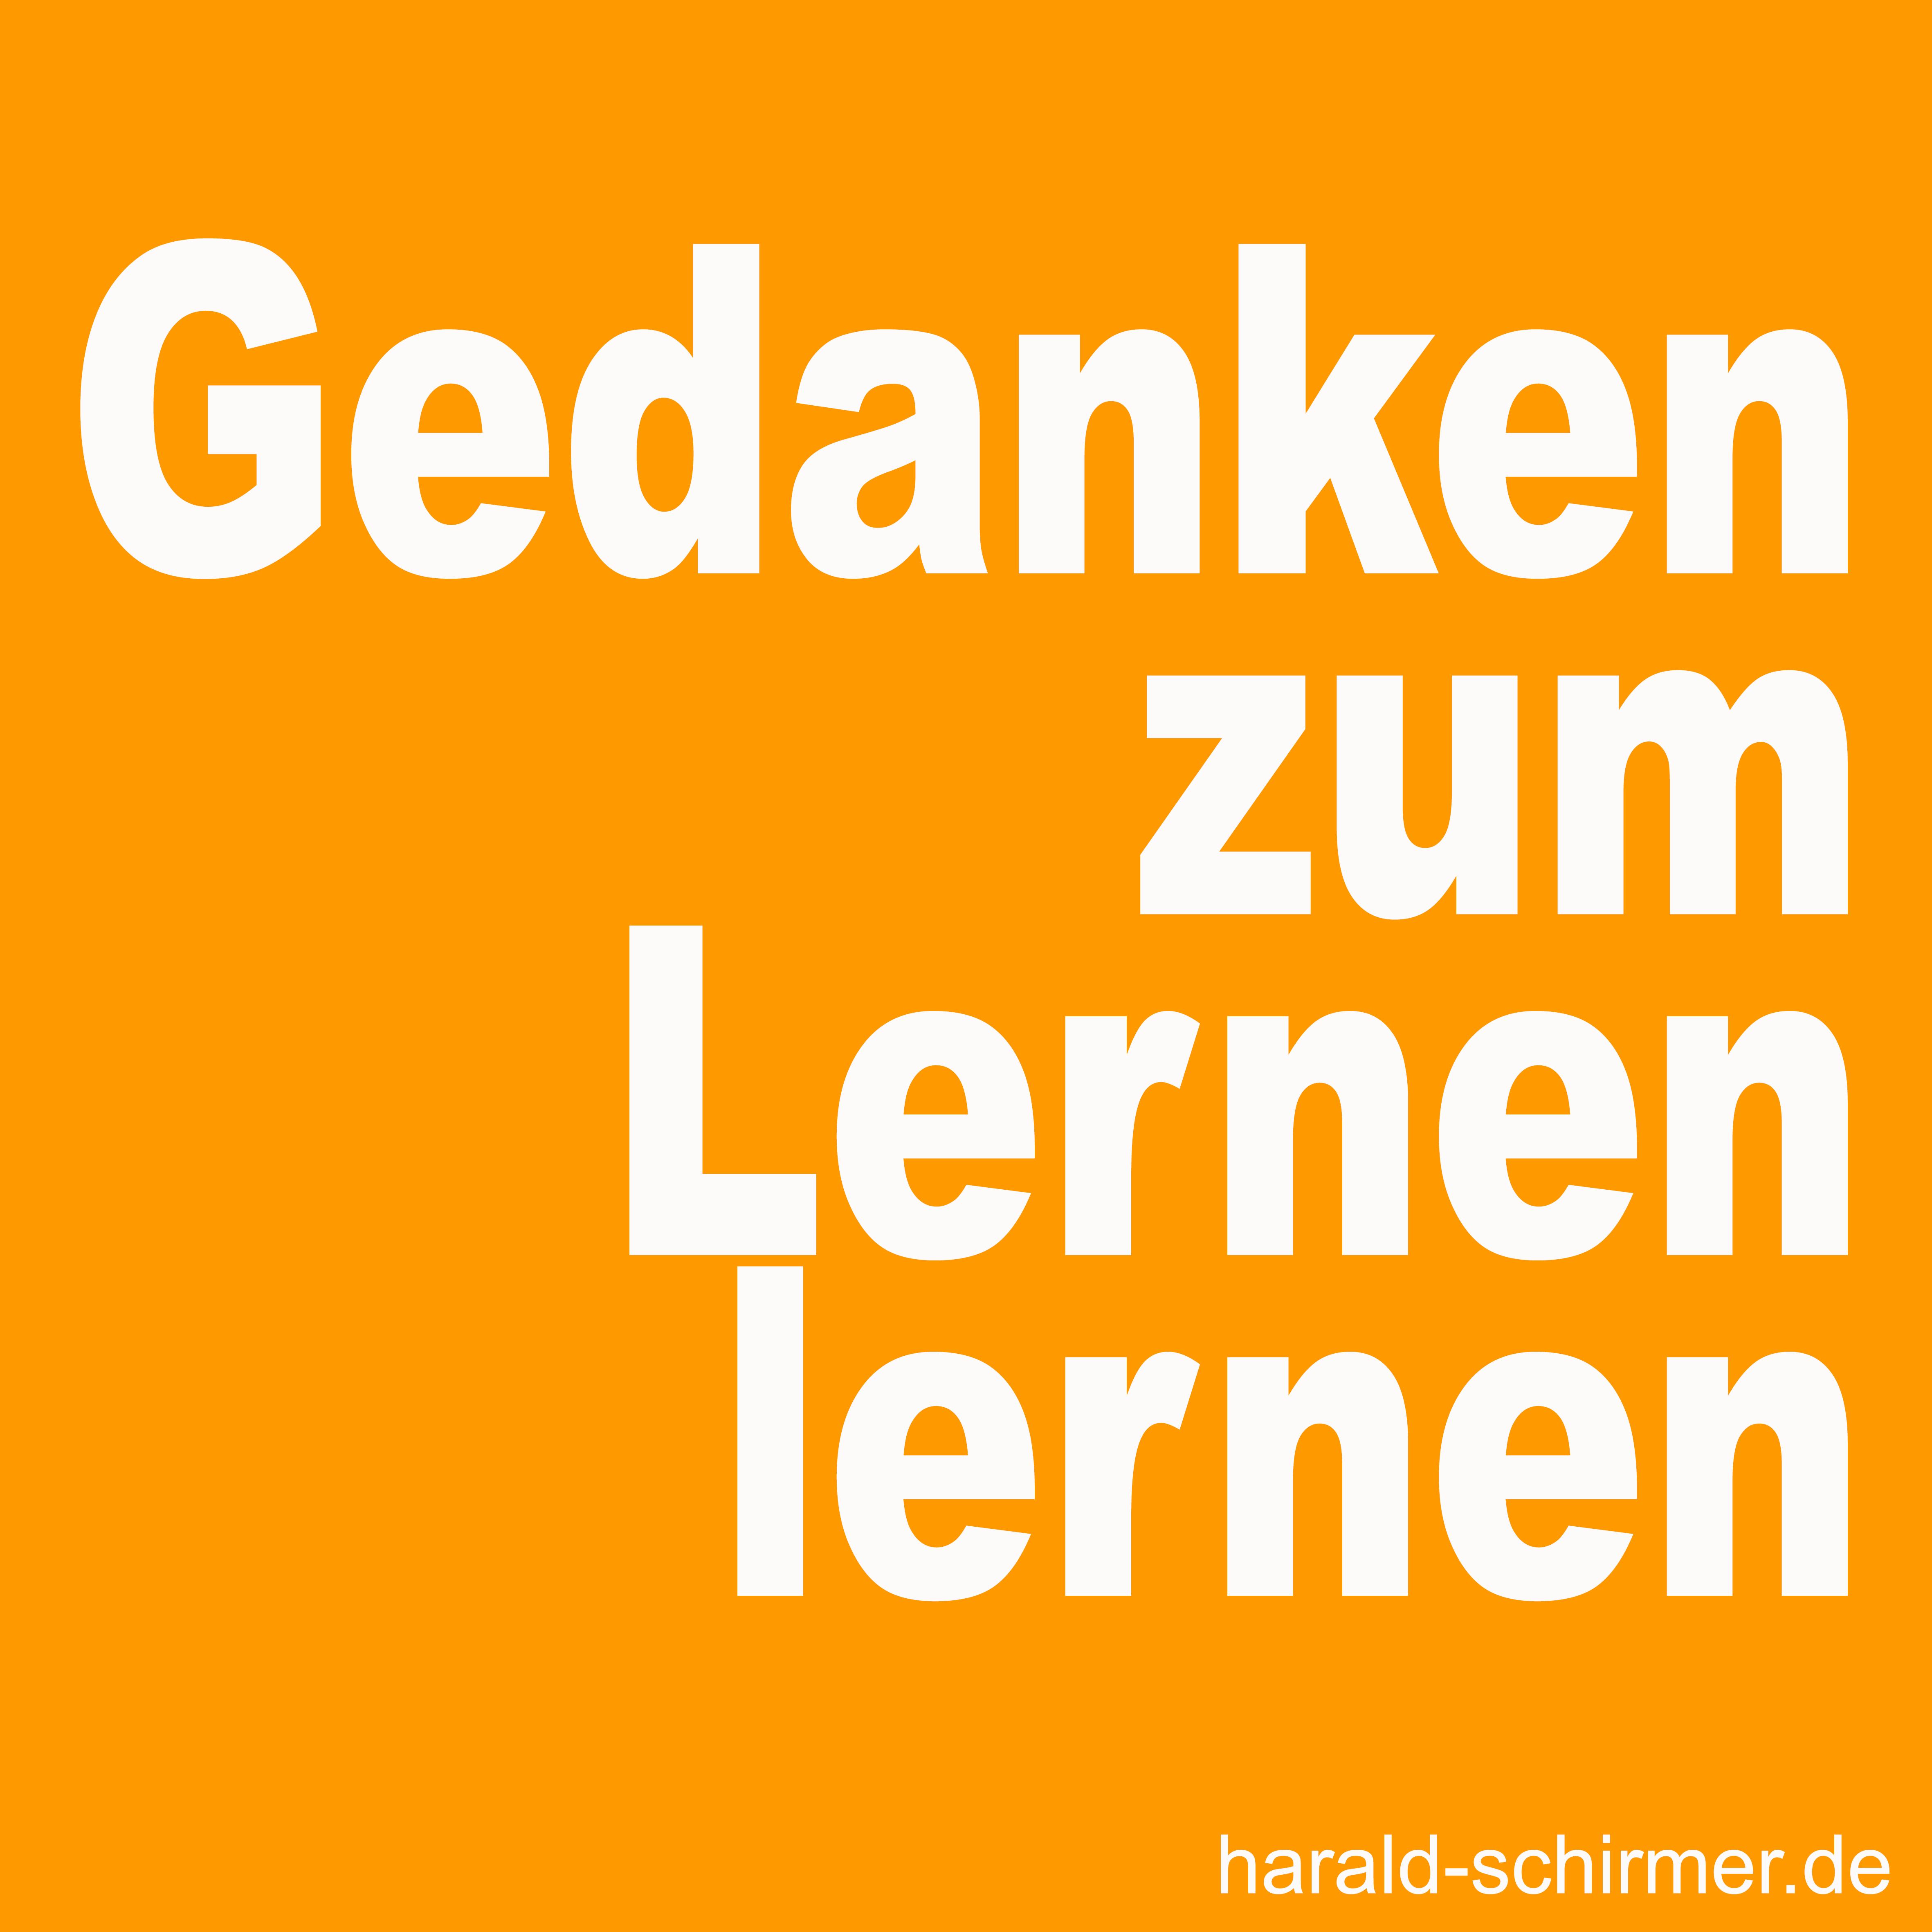 Thumbnail of http://www.harald-schirmer.de/2017/05/20/cl2025-lernen-wieder-lernen/